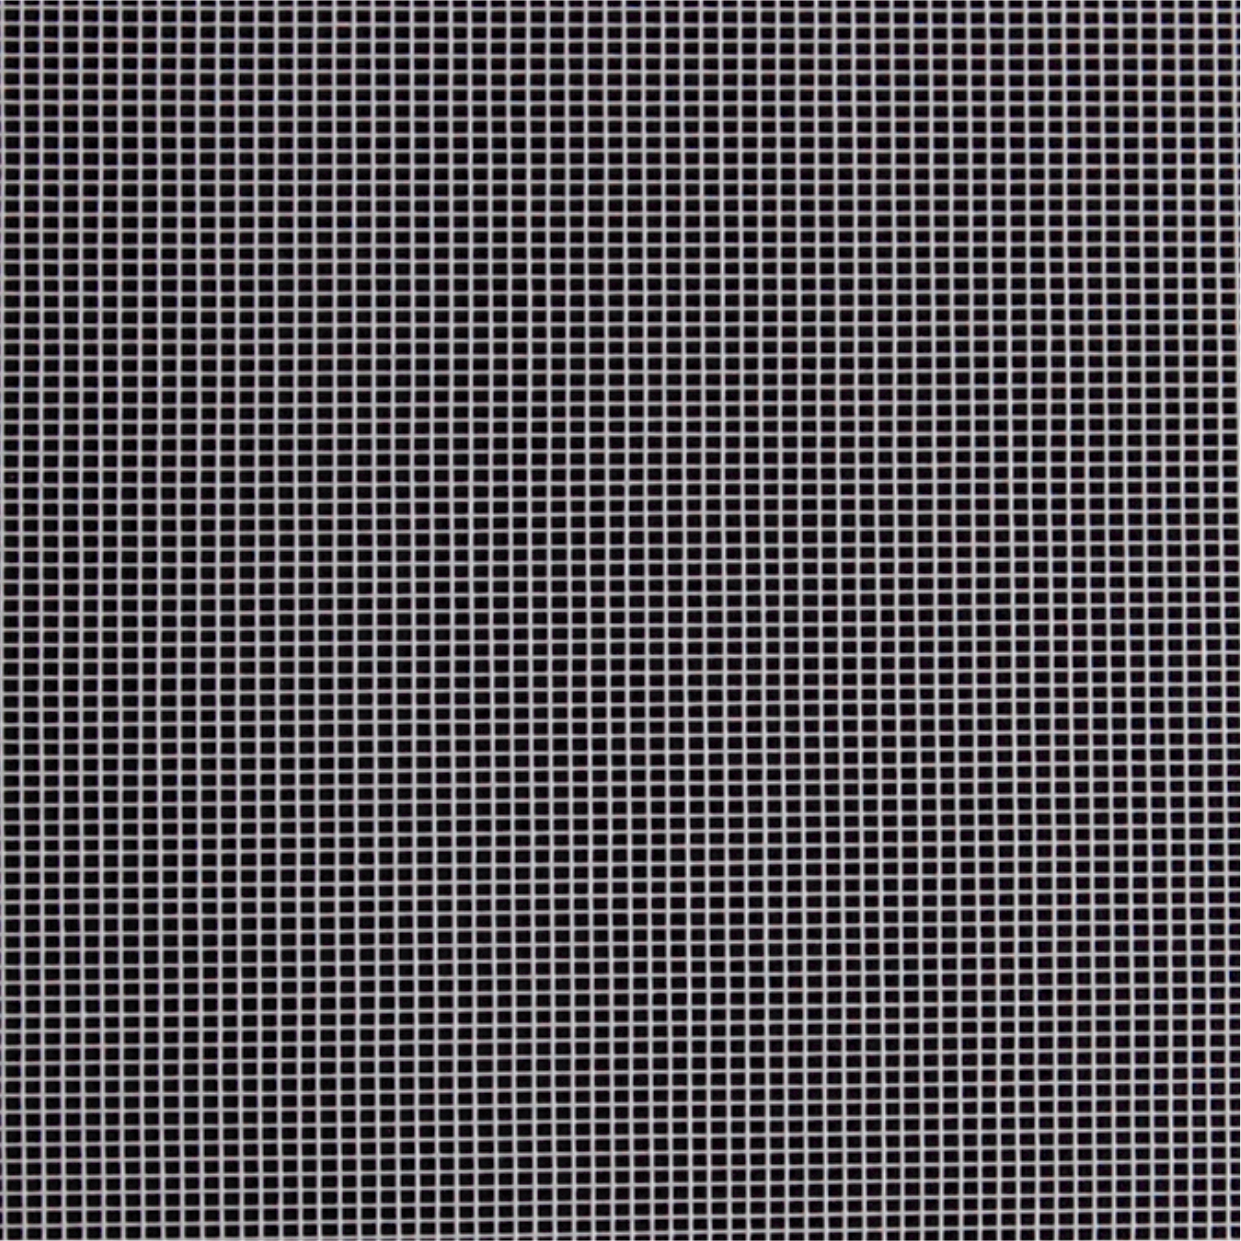 Fiberglasgewebe 18x14.011 WEIß